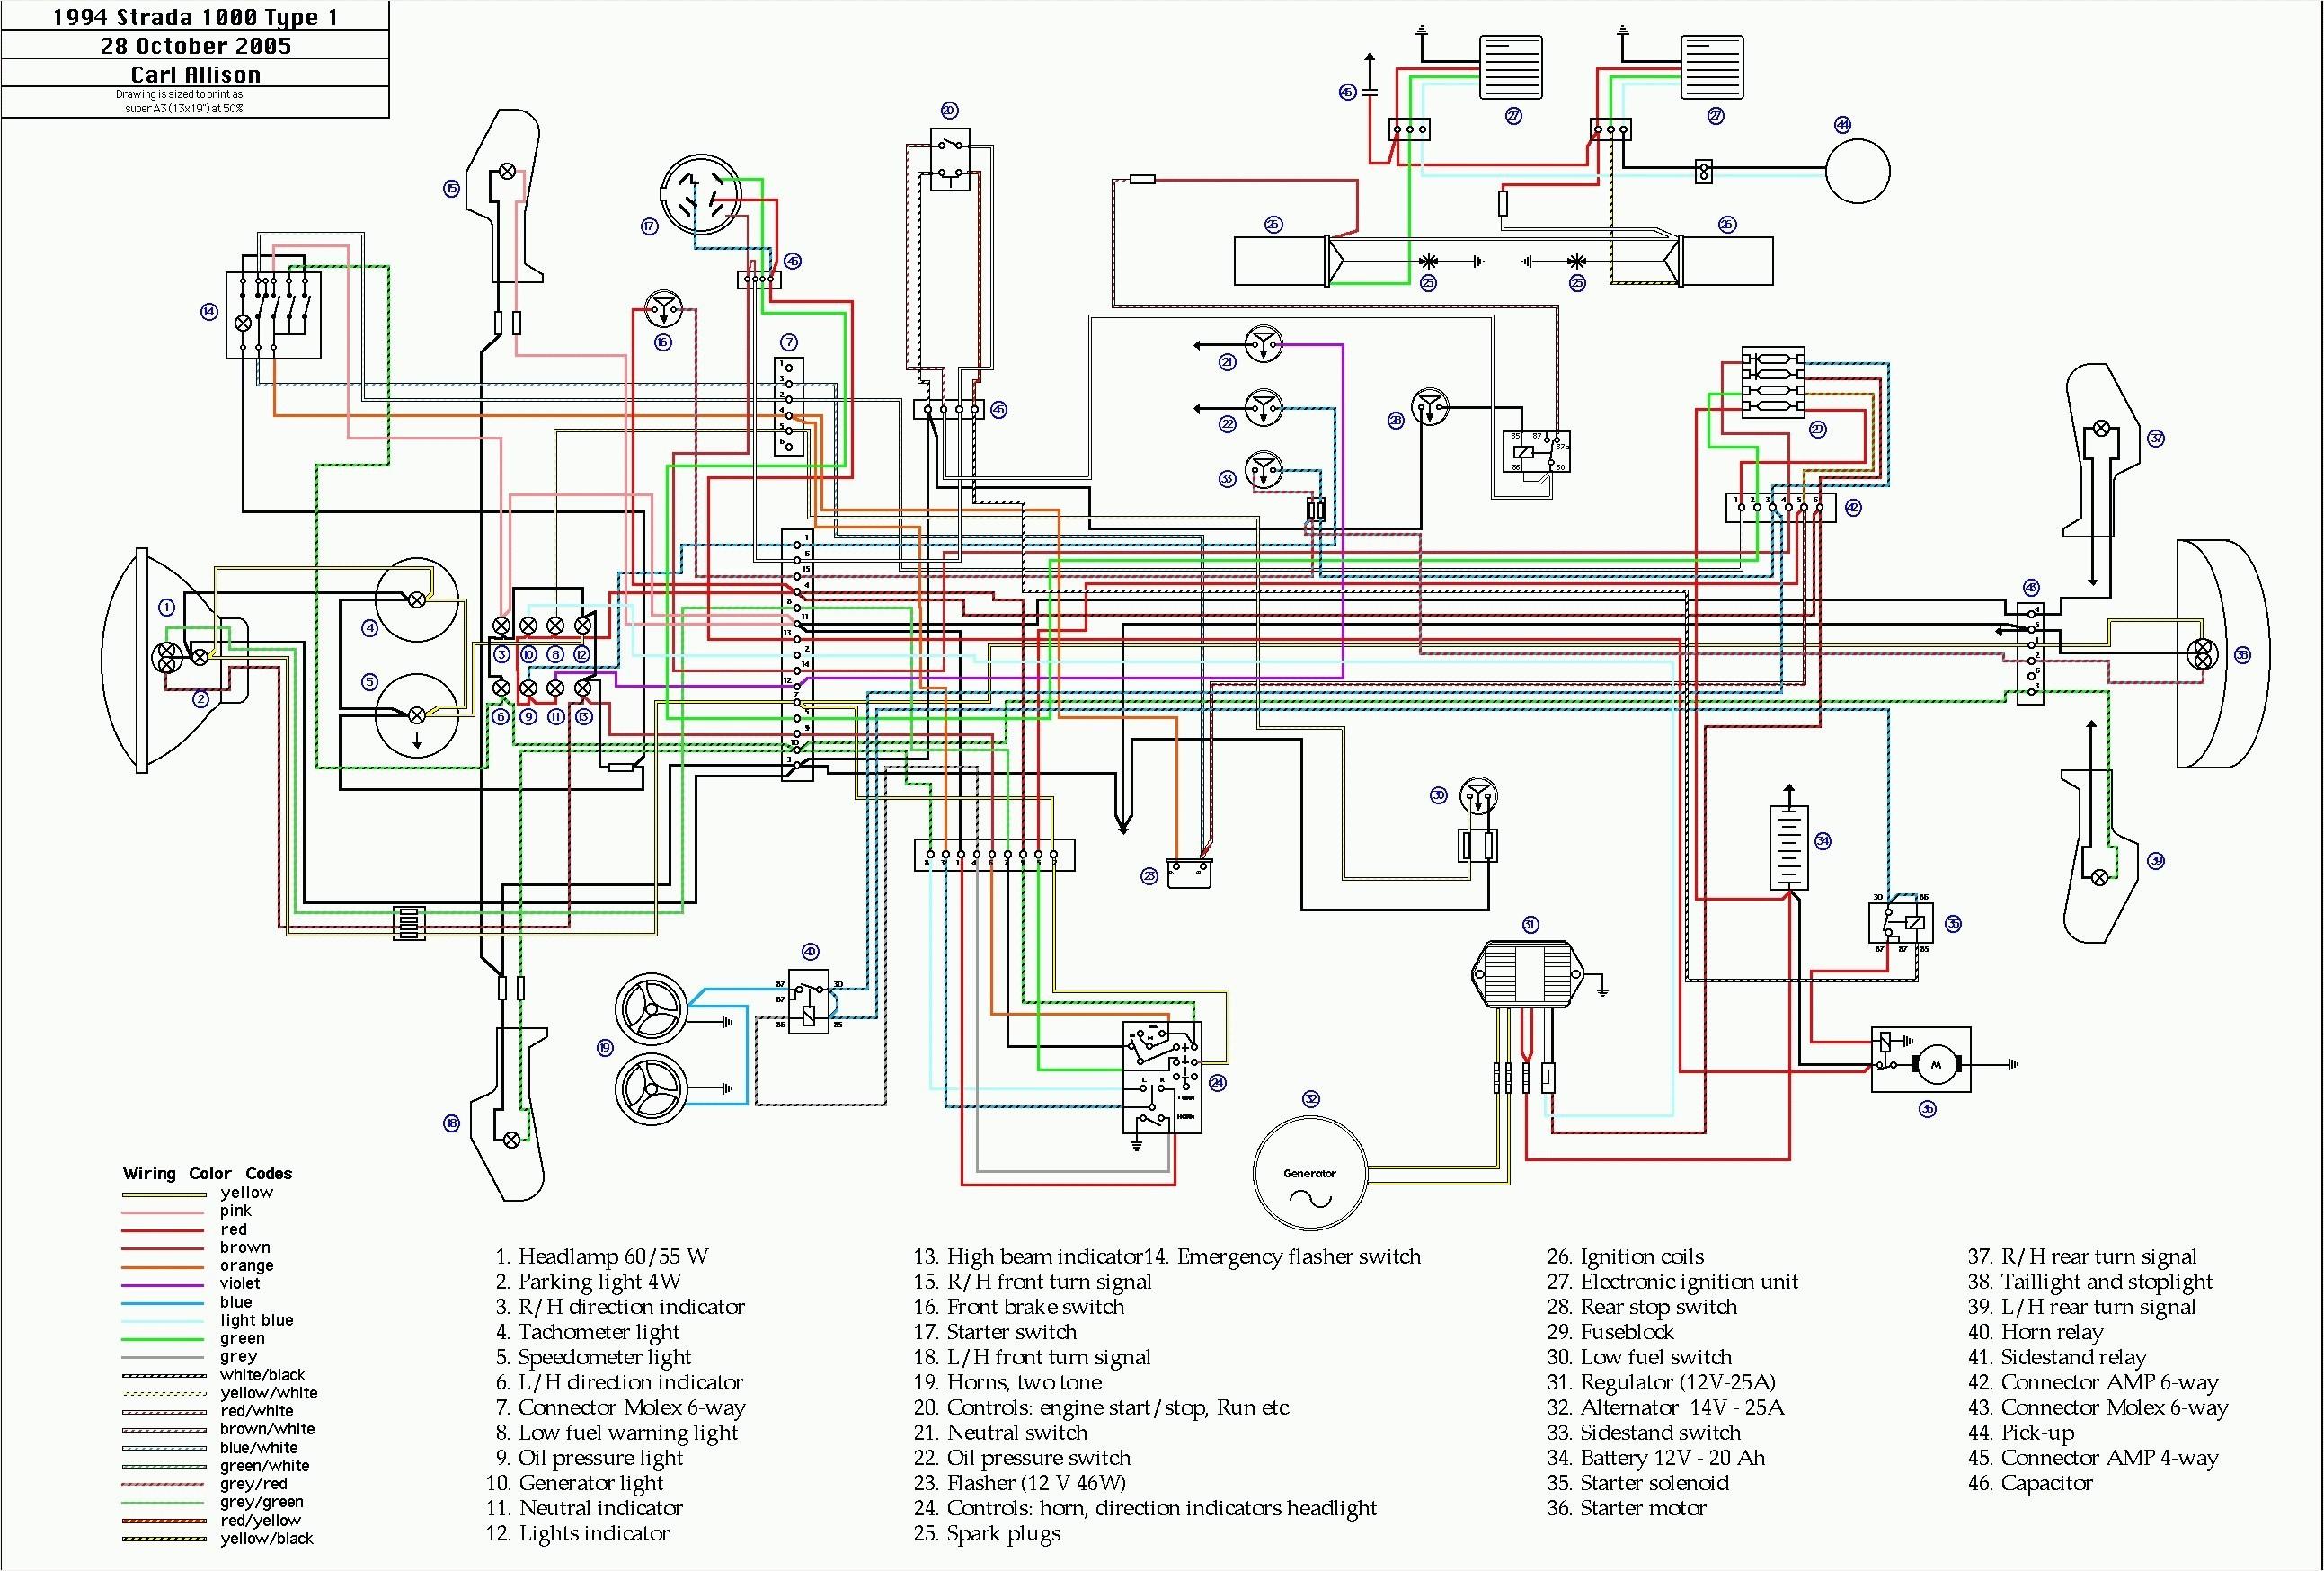 Brake and Turn Signal Wiring Diagram Nissan 1400 Wiring Diagram Free Download Wiring Diagram Of Brake and Turn Signal Wiring Diagram